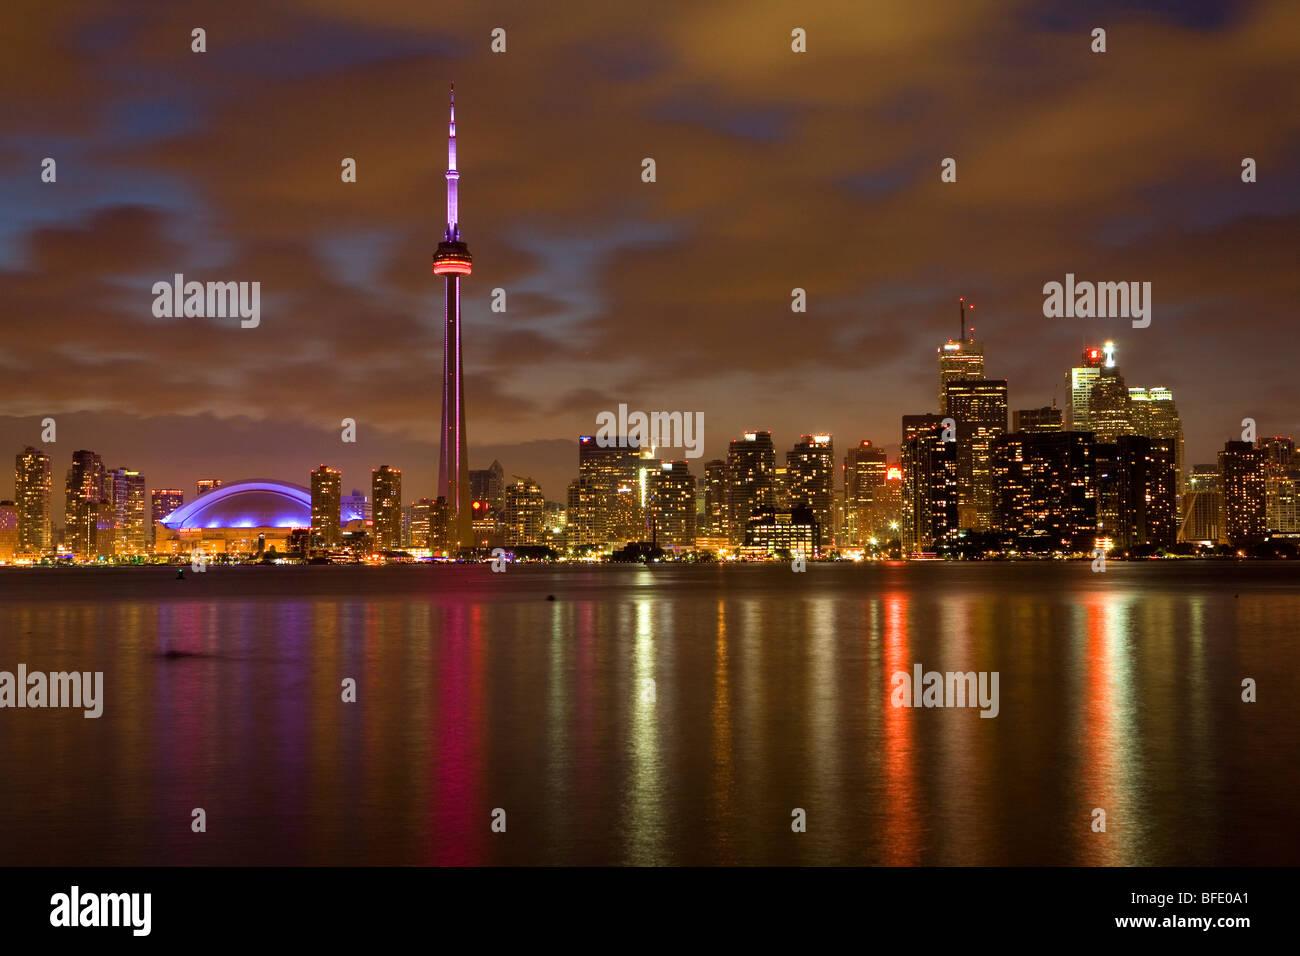 Toronto skyline at night from Toronto Islands, Ontario, Canada - Stock Image